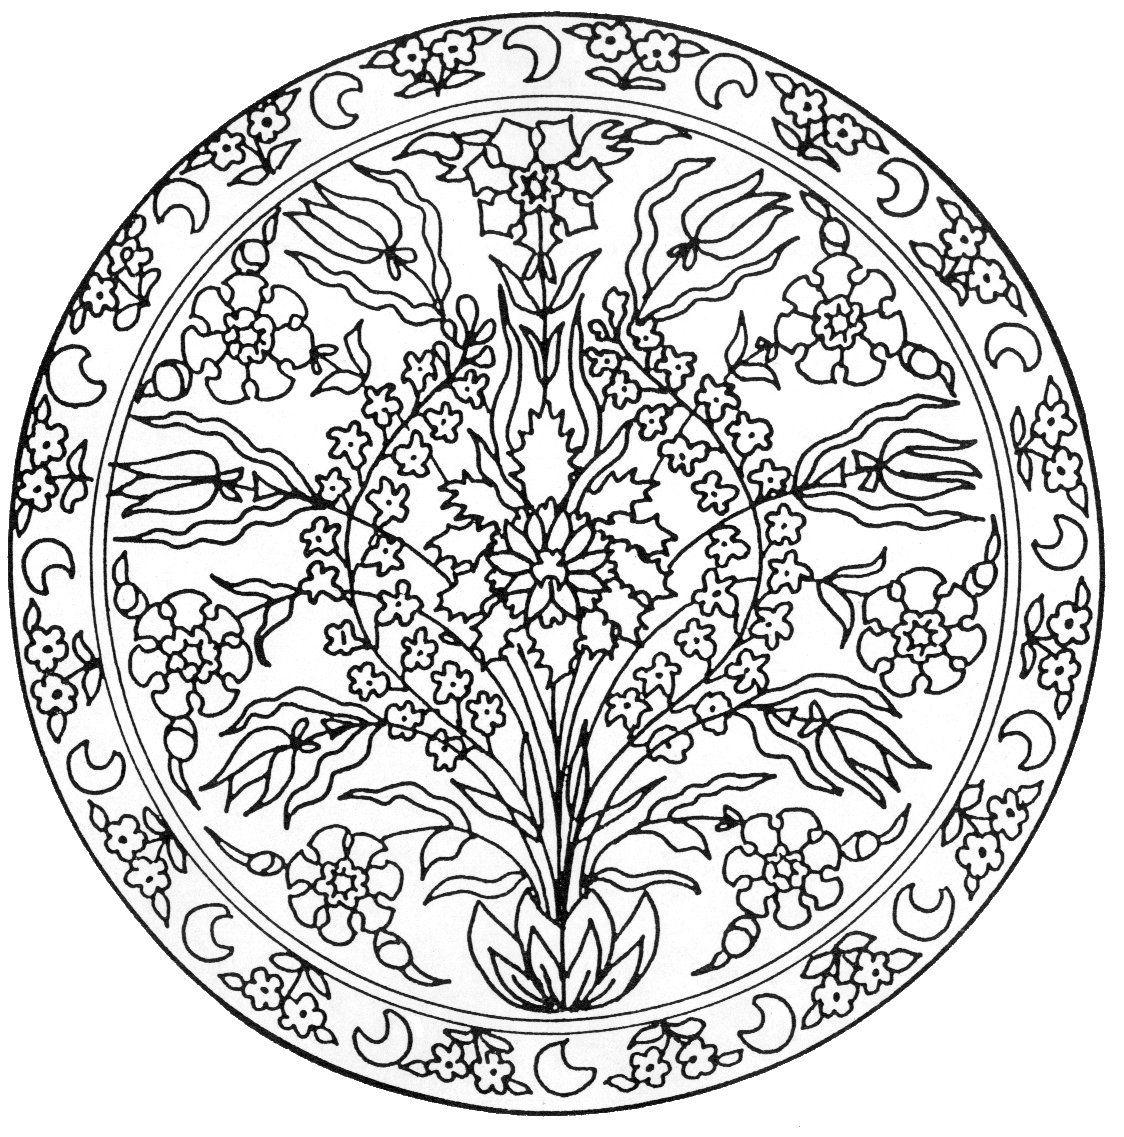 Dise os de mandalas de flores buscar con google for Disenos de mandalas